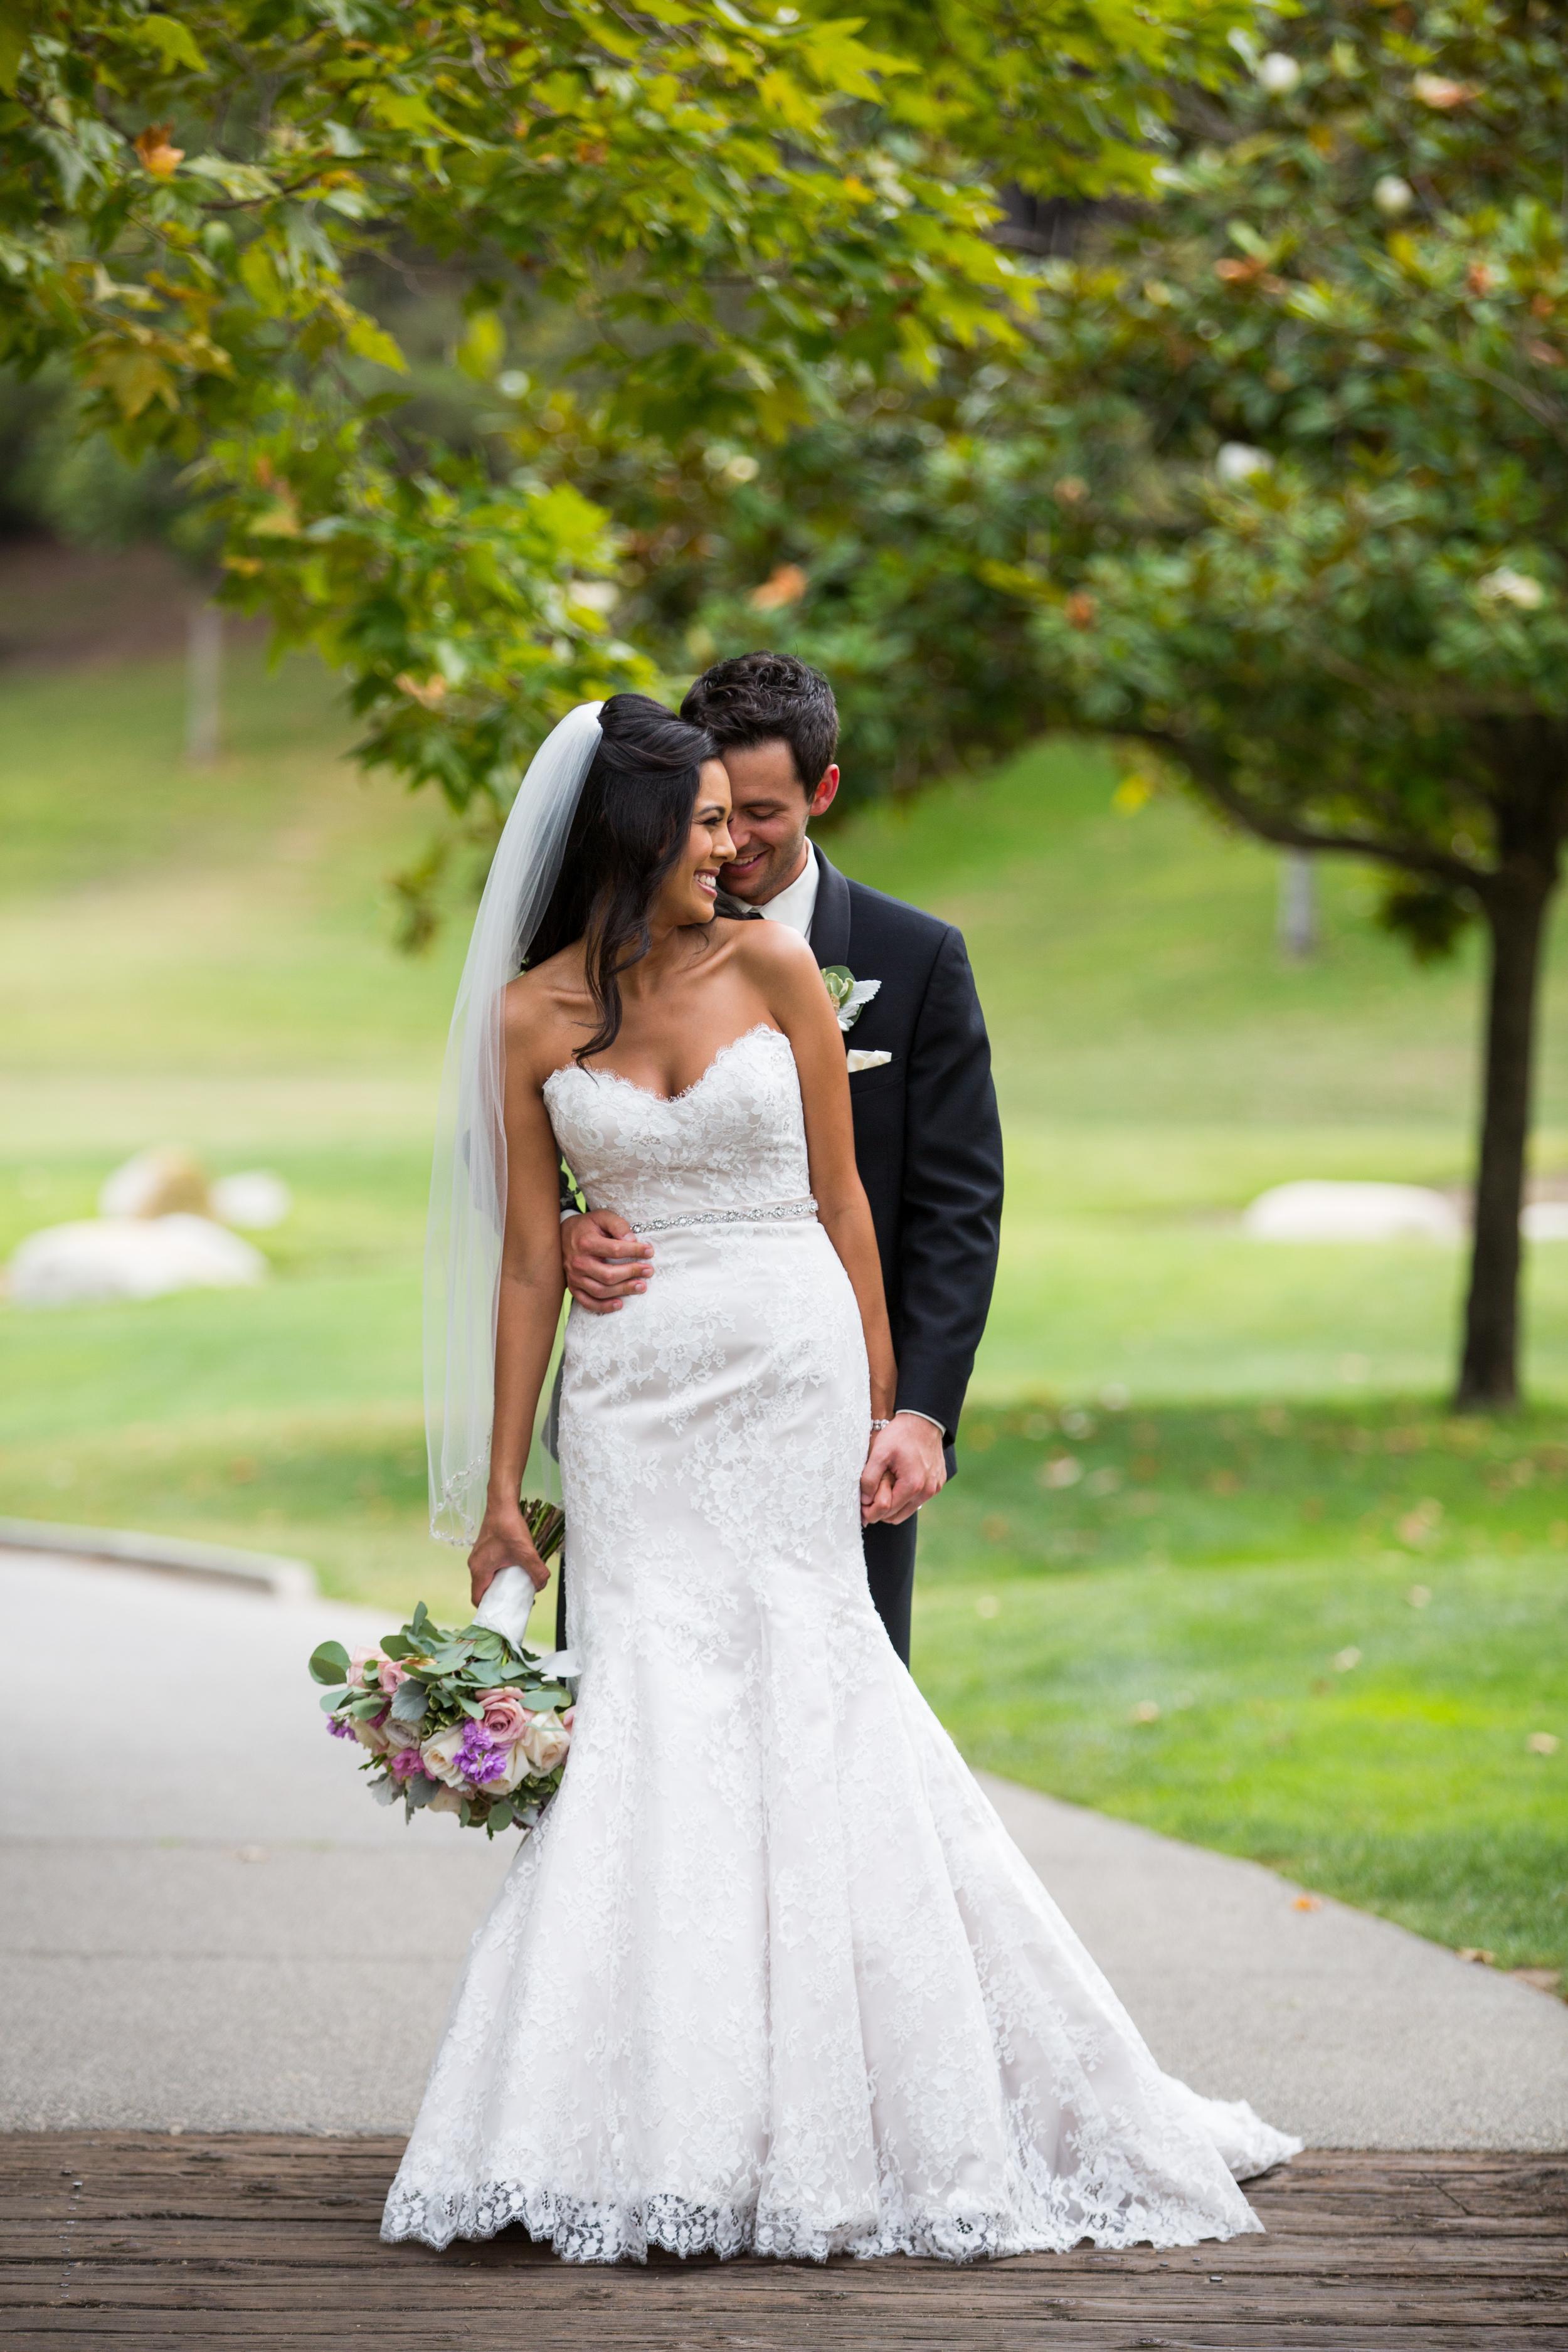 Stephanie and Benny - Couple Photos-16.jpg